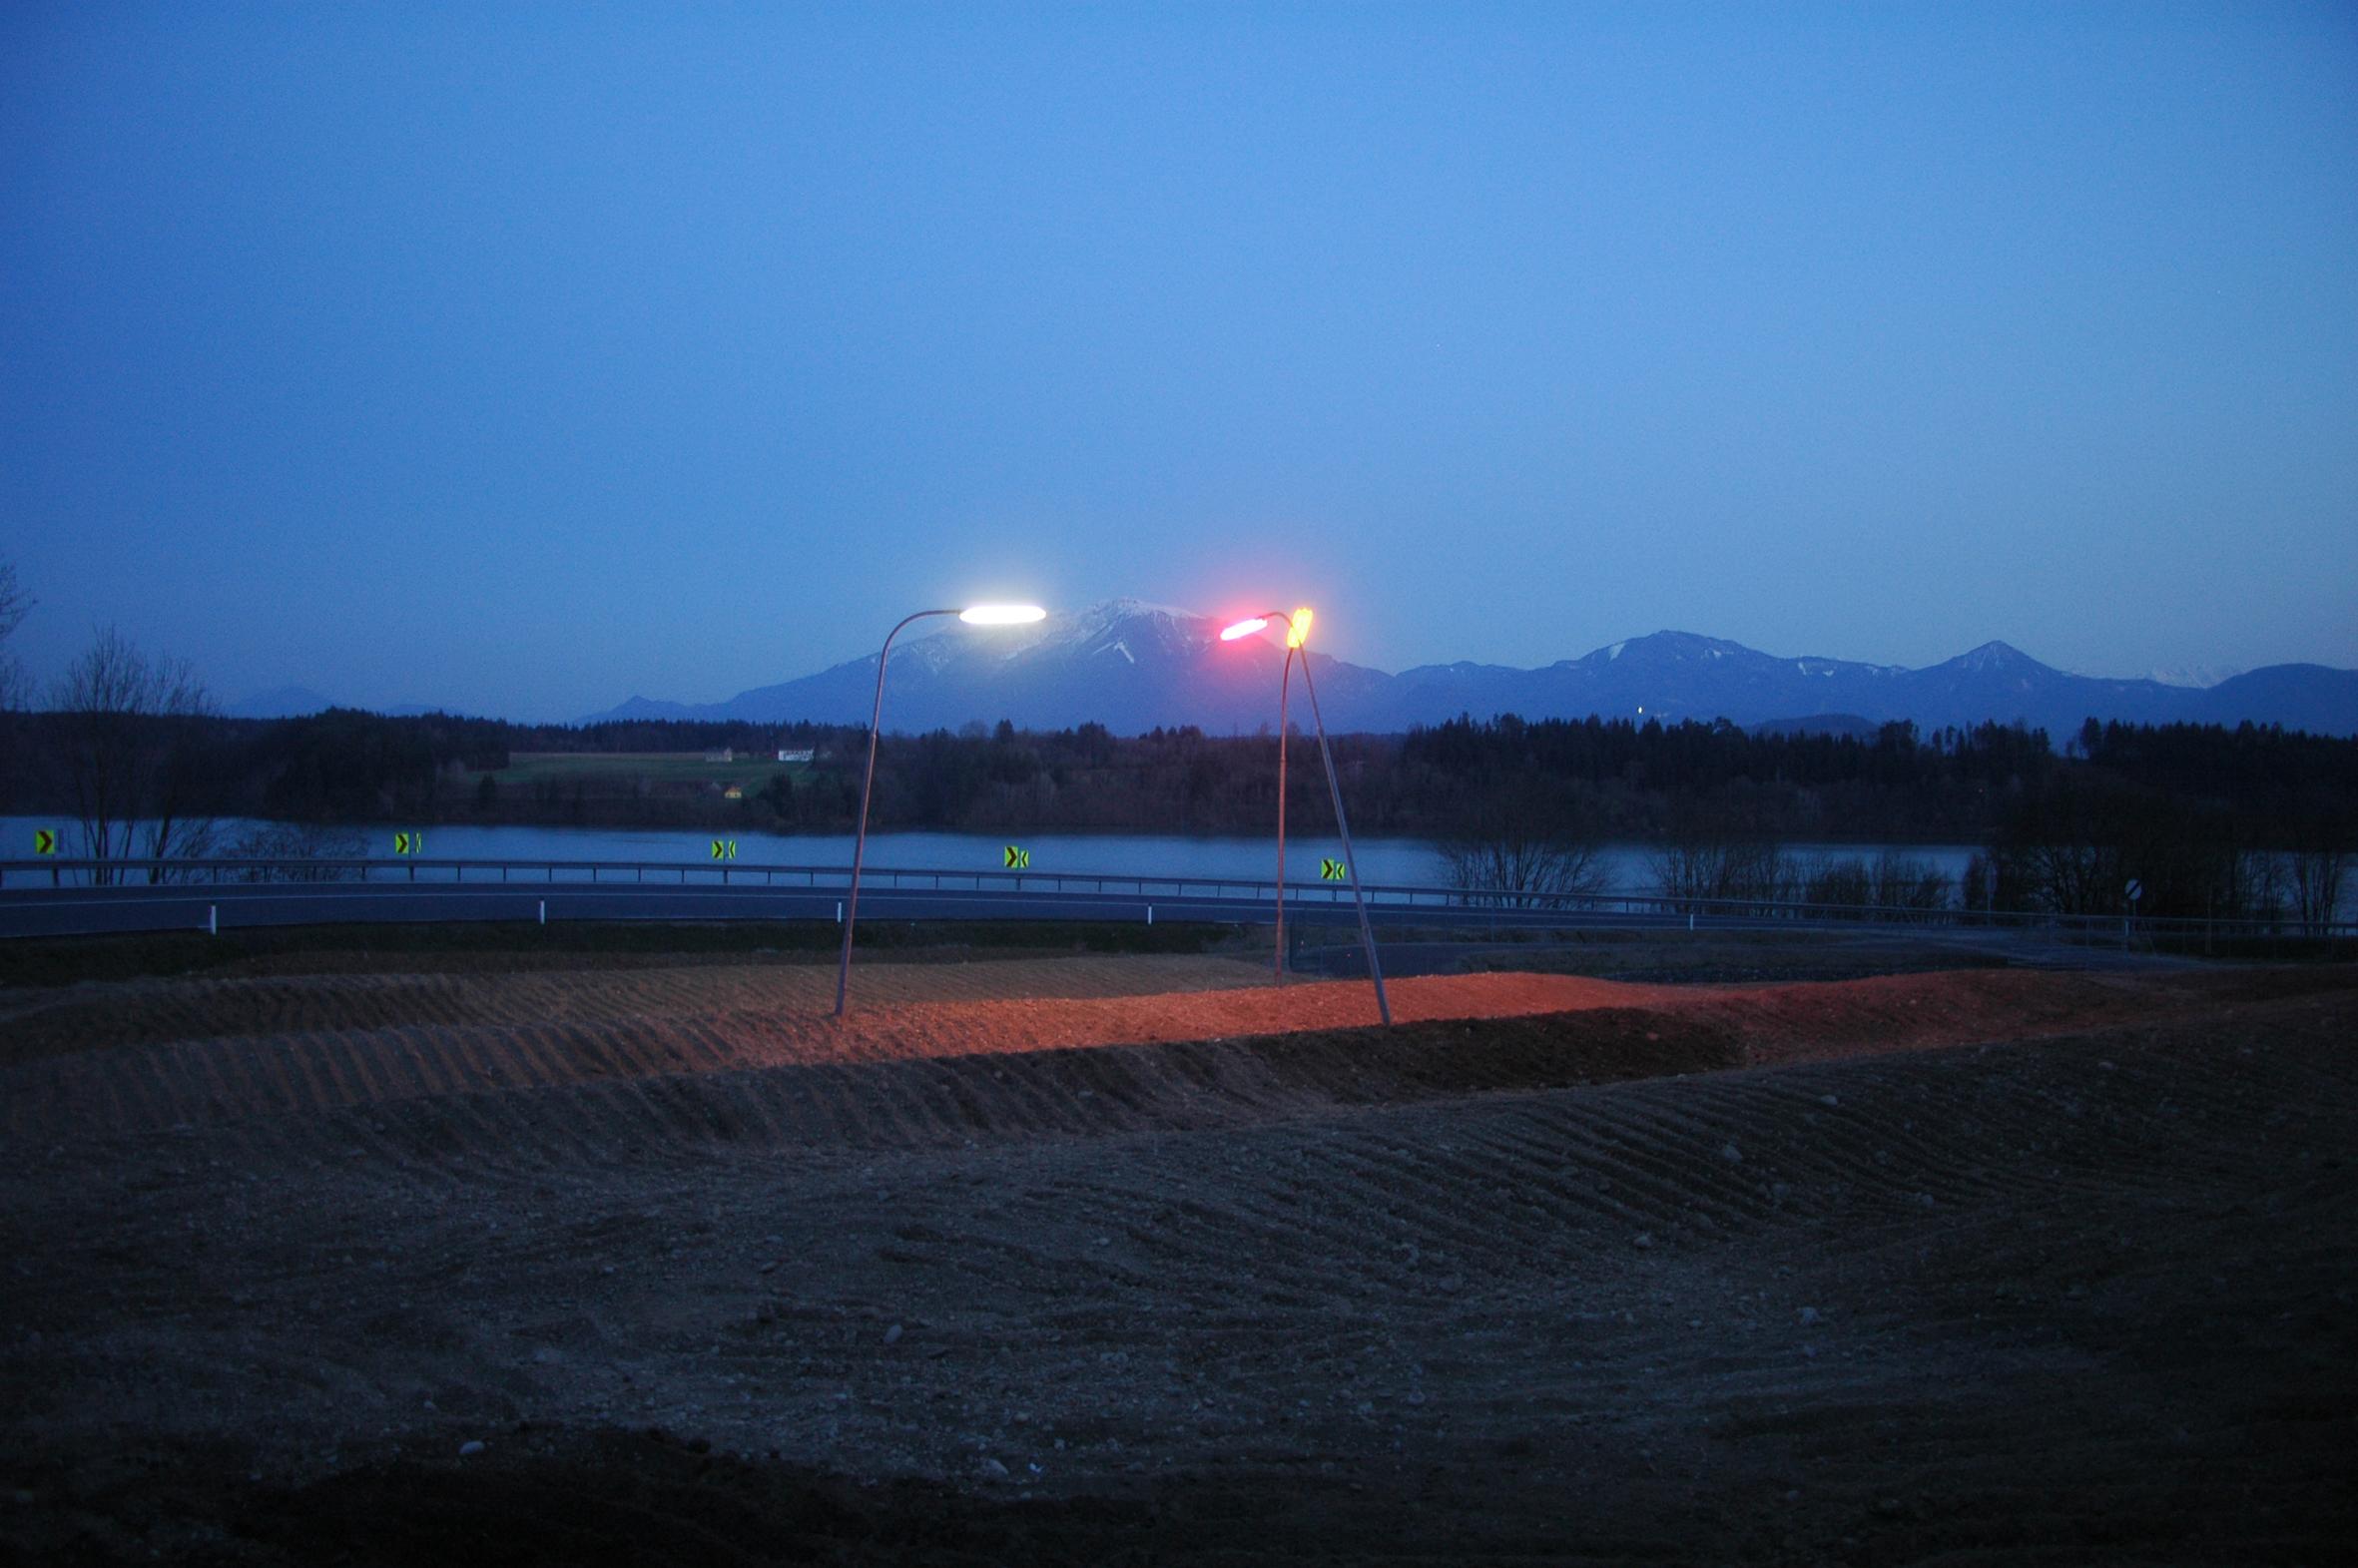 Landart Projekt von Jochen Traar, 2010, Titel: Timeline. 3 Leuchten an der Straße der Drau.